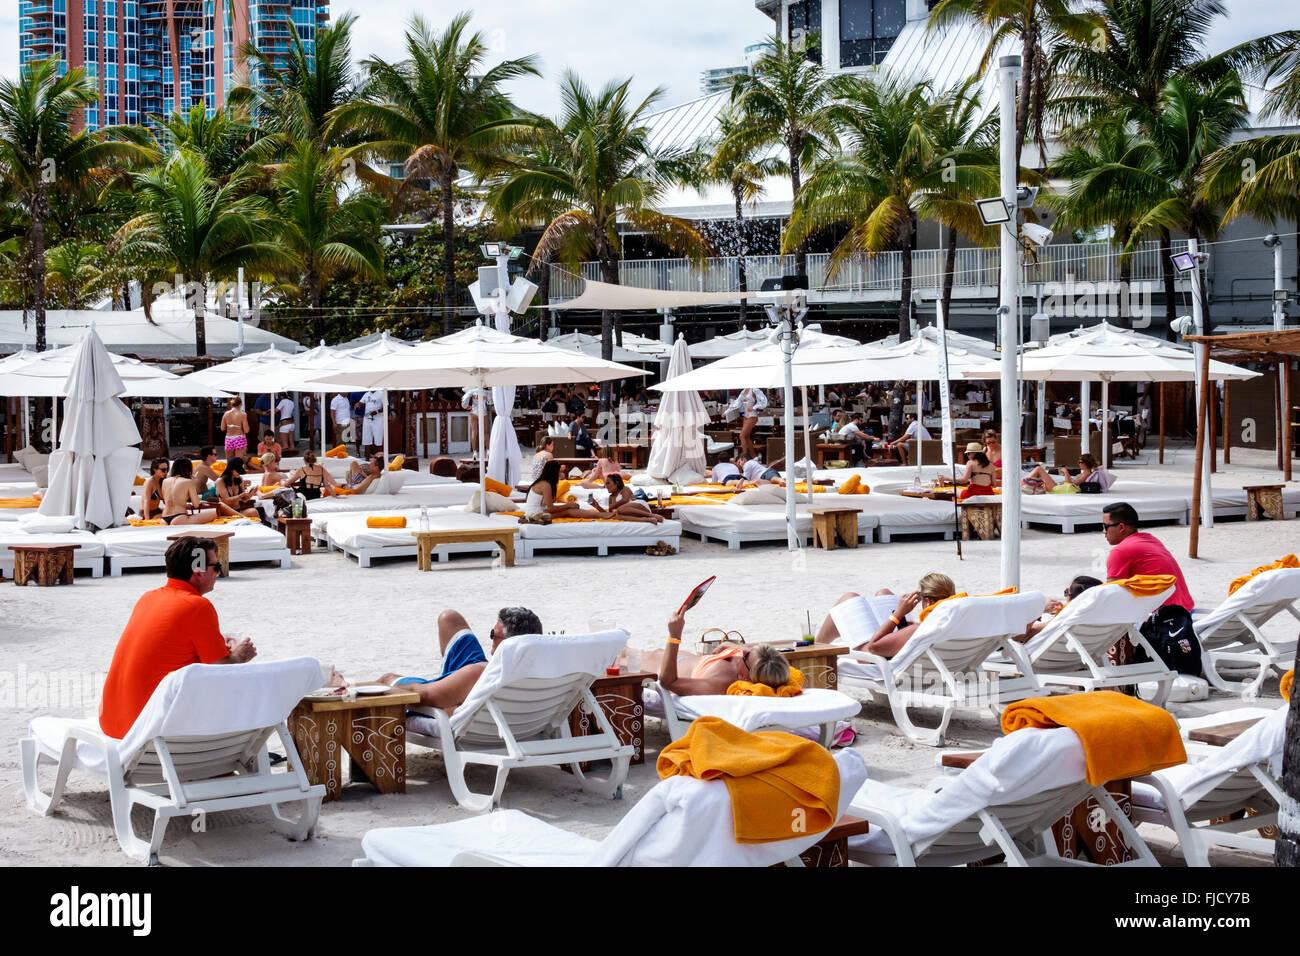 Miami beach florida nikki club restaurant lounge